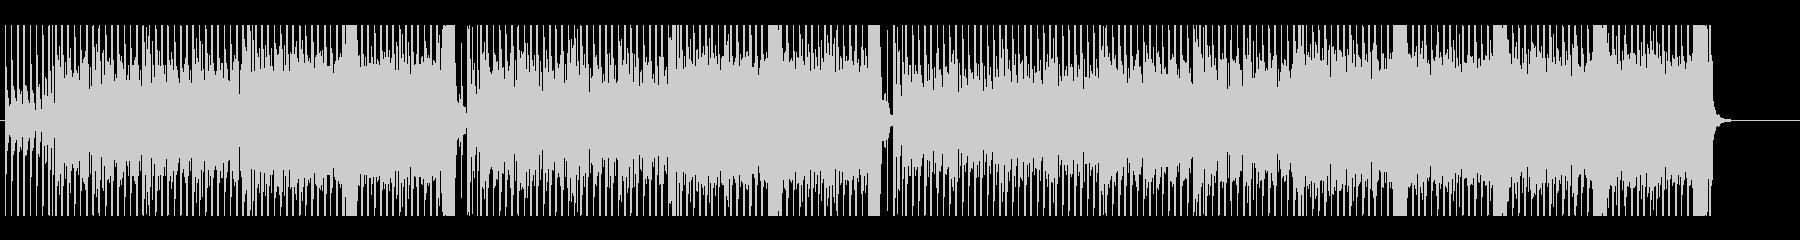 エネルギッシュでファストなロックギターの未再生の波形